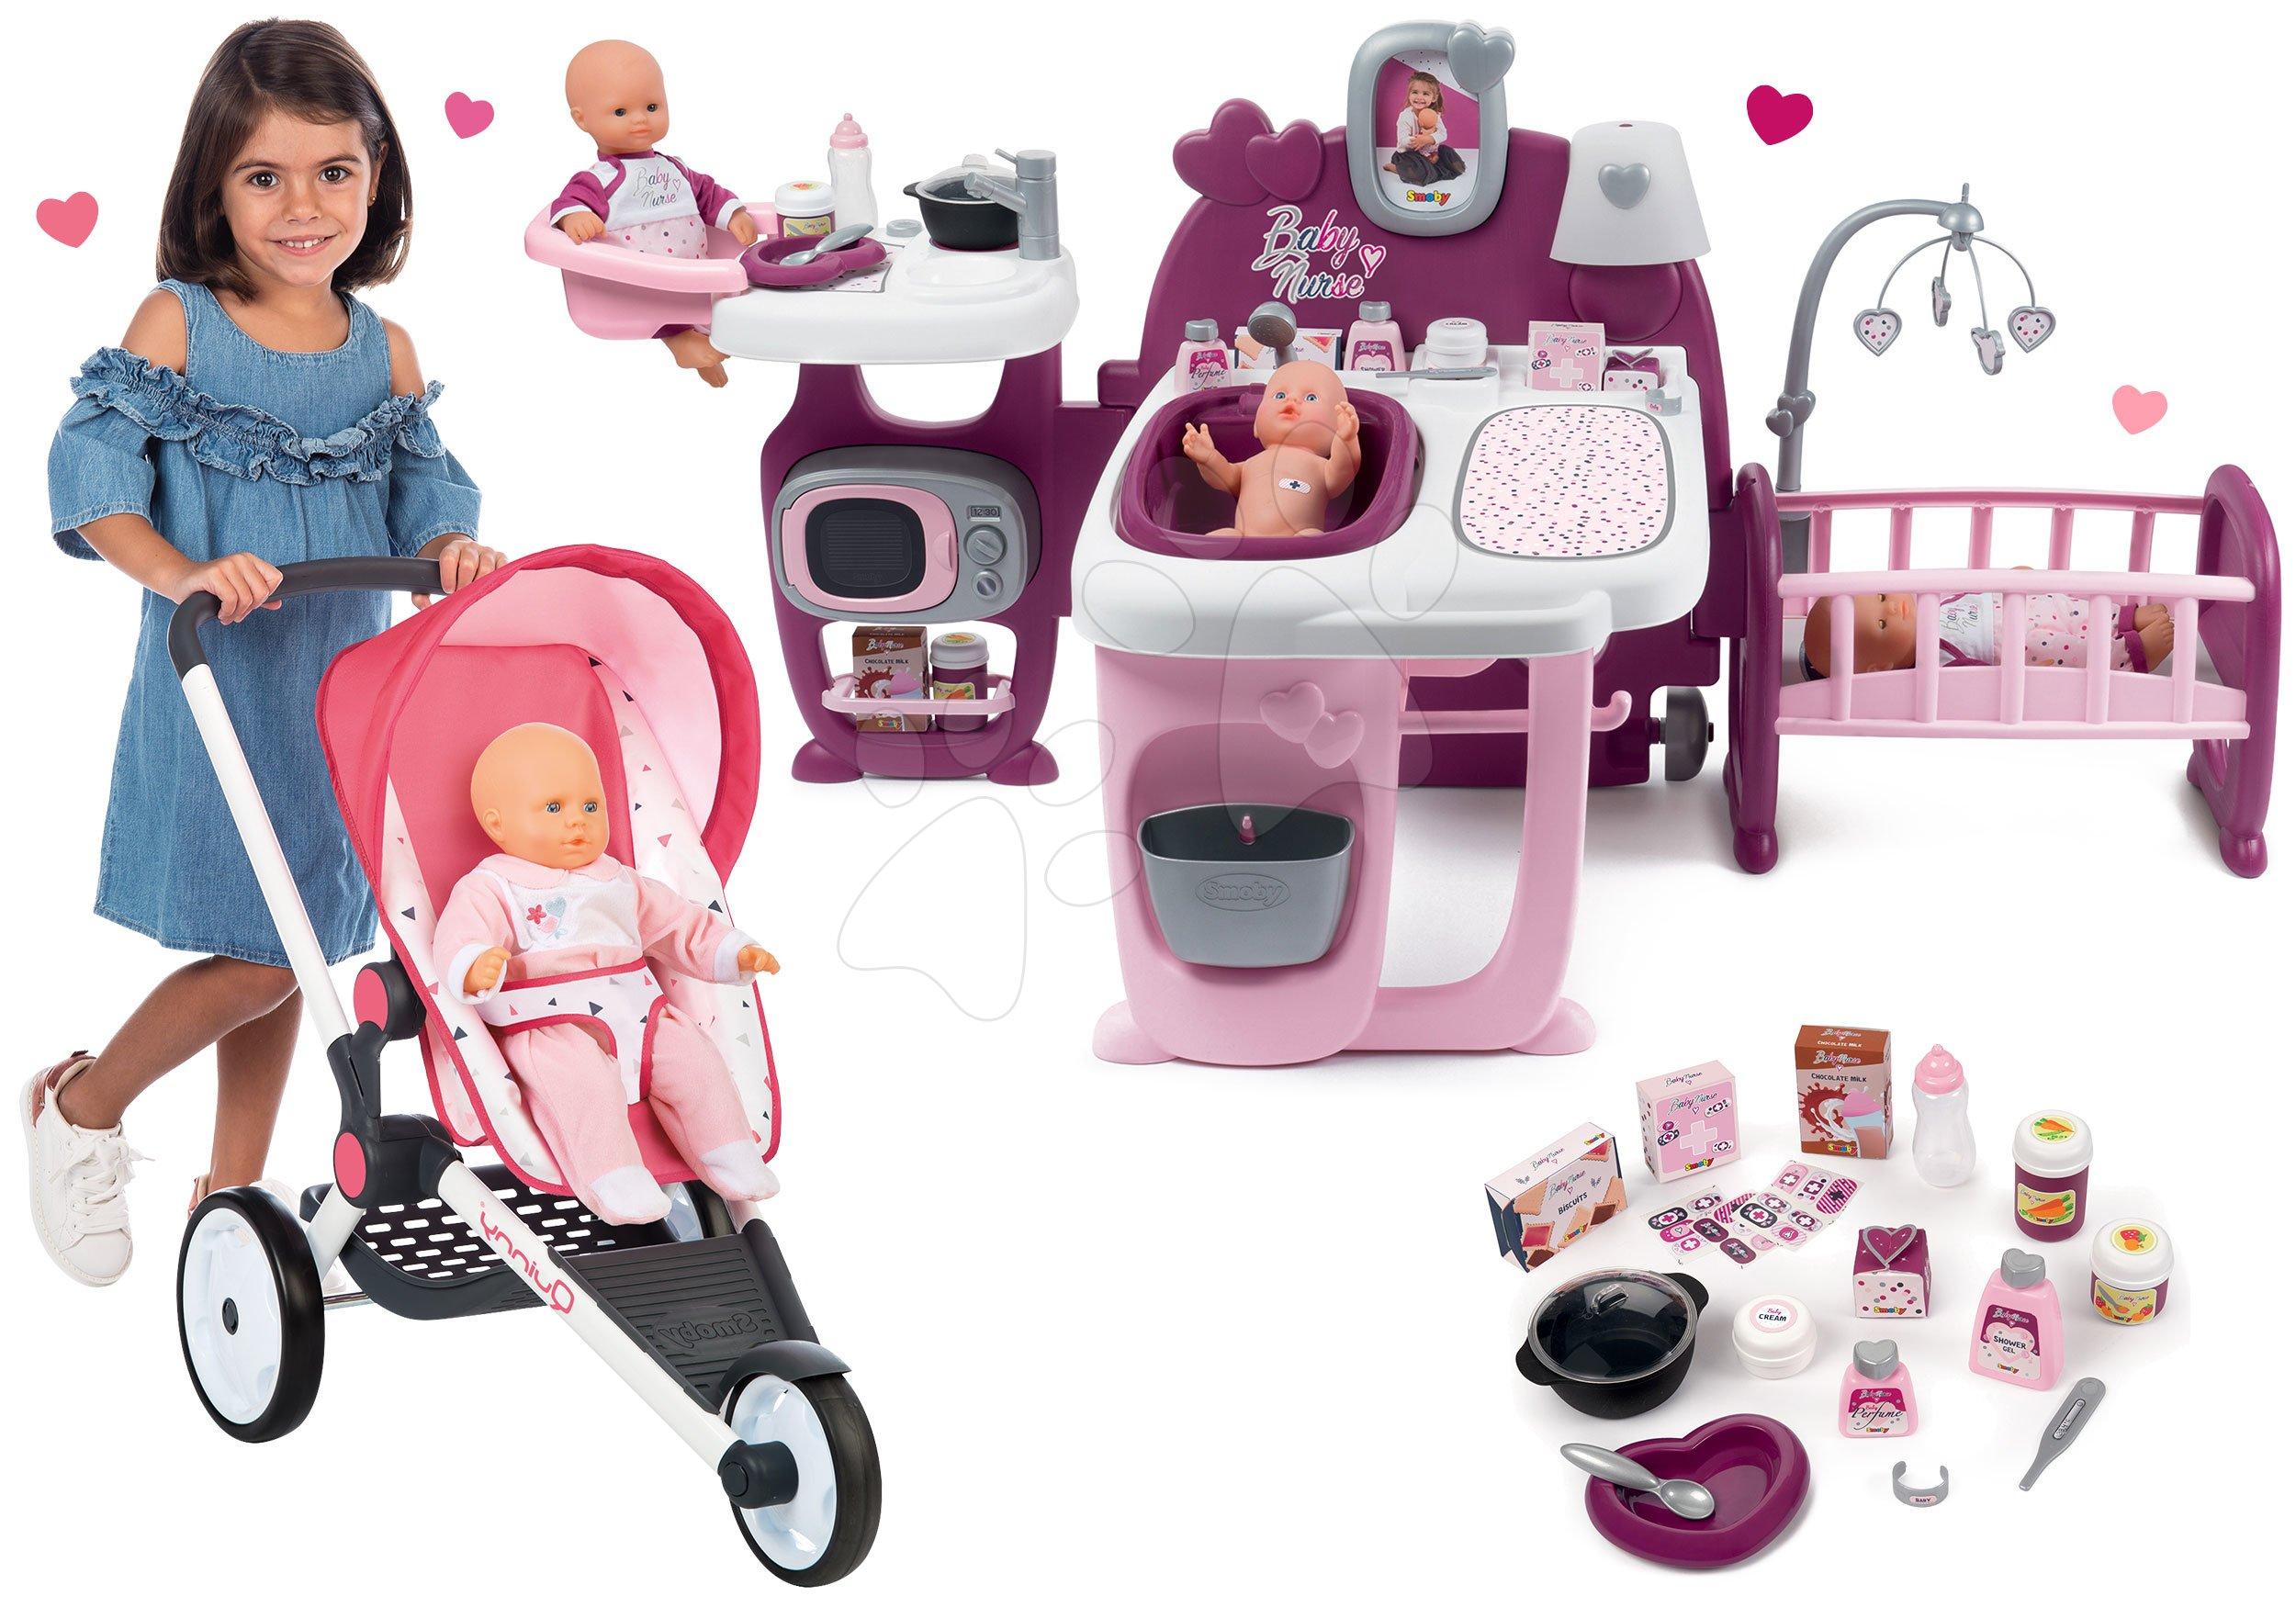 Set športový kočík Trio Pastel Maxi Cosi&Quinny Jogger Smoby polohovateľný so strieškou a domček pre bábiku Violette Baby Nurse Large Doll's Play Center